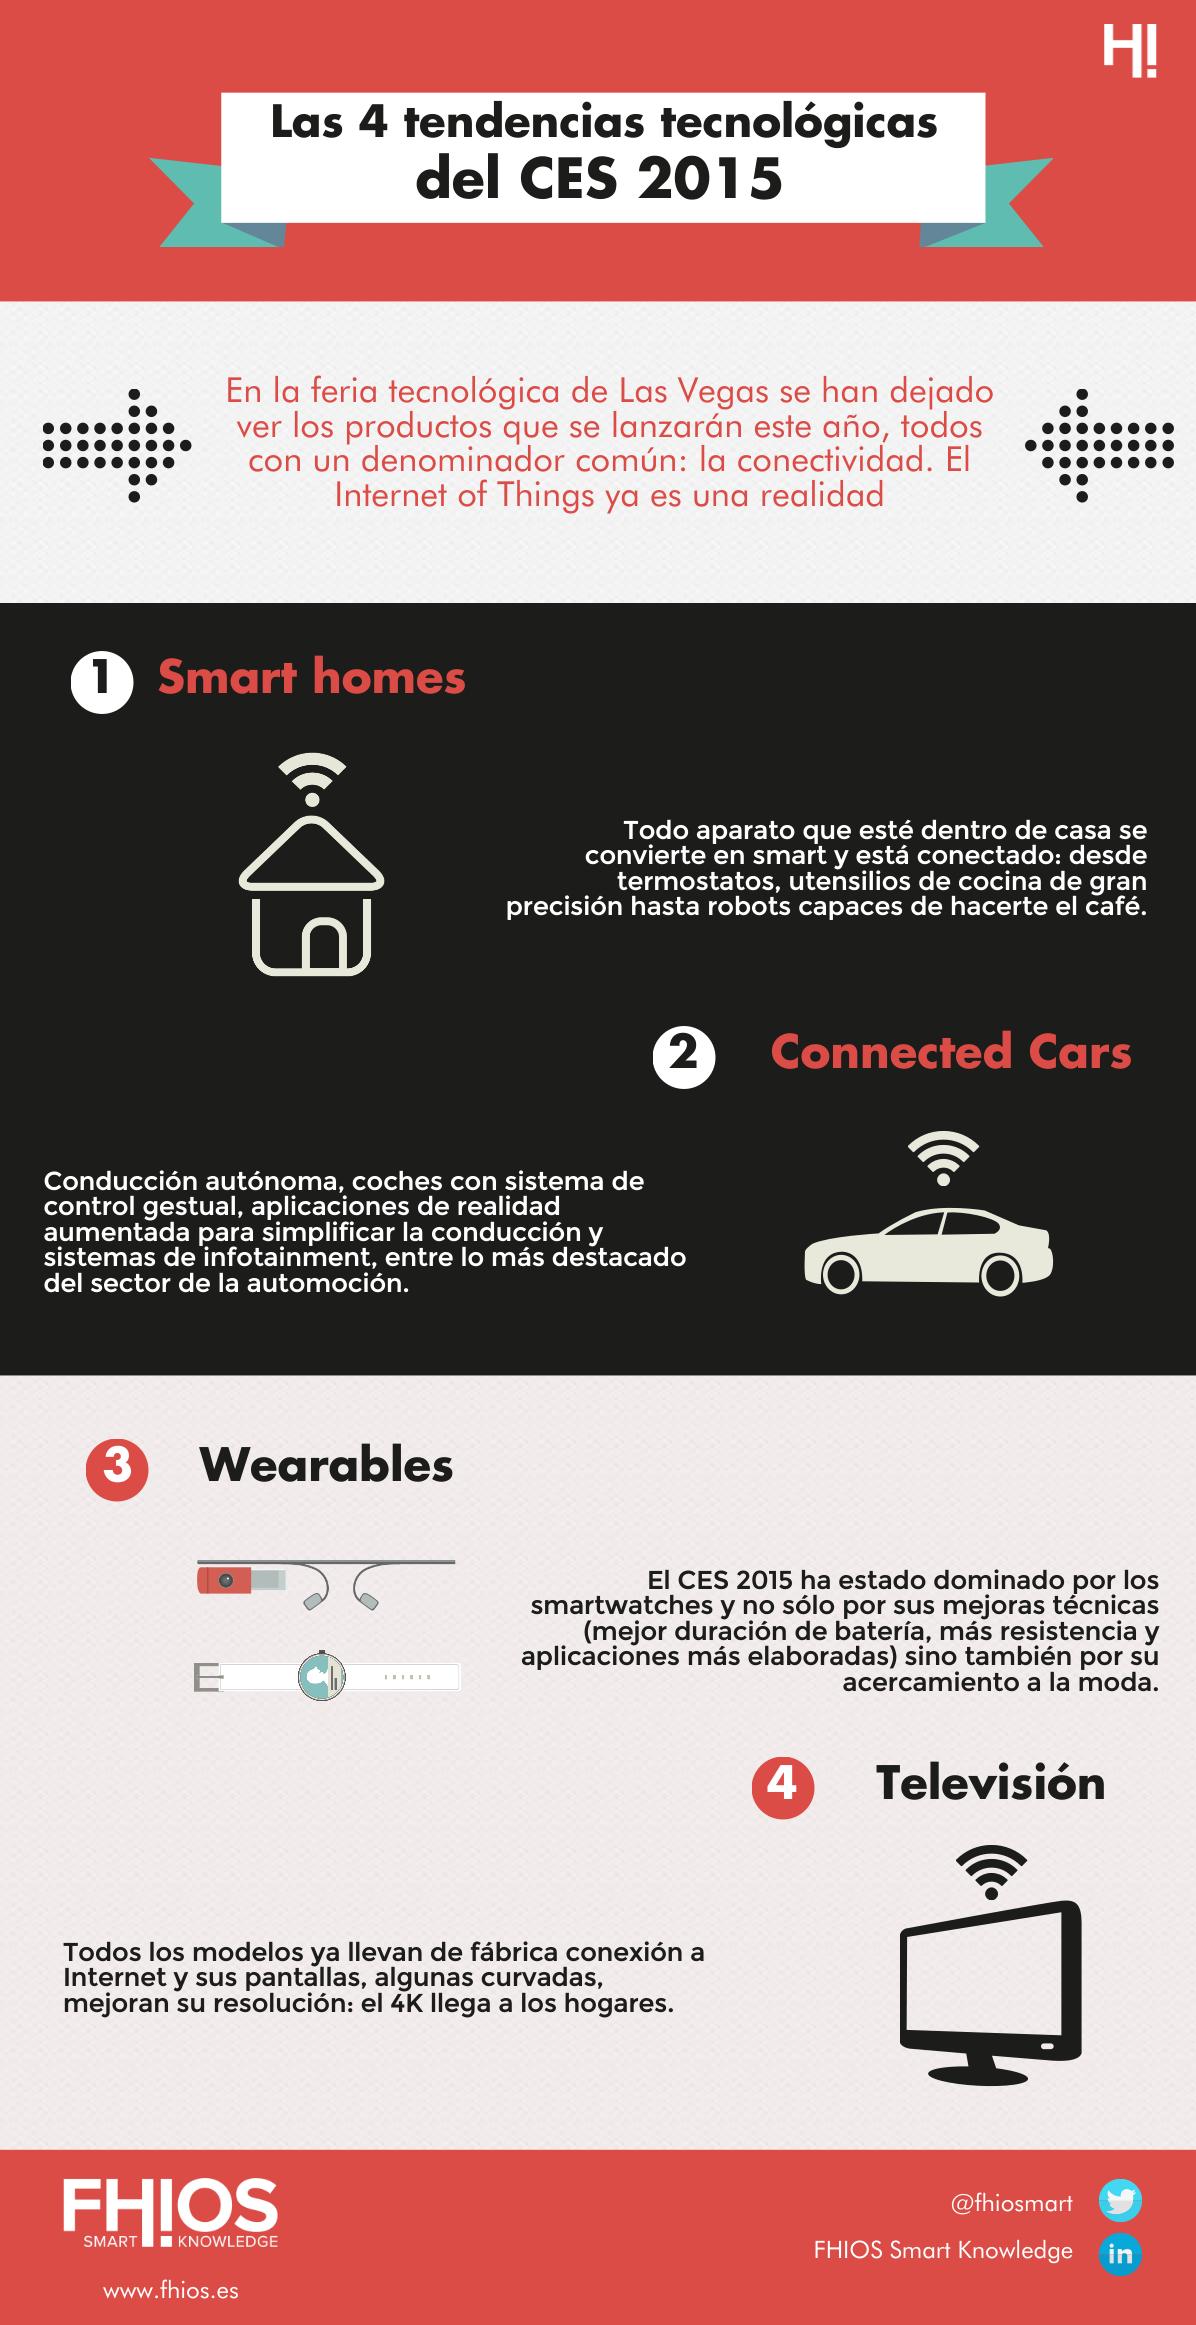 Las 4 tendencias tecnológicas del CES 2015